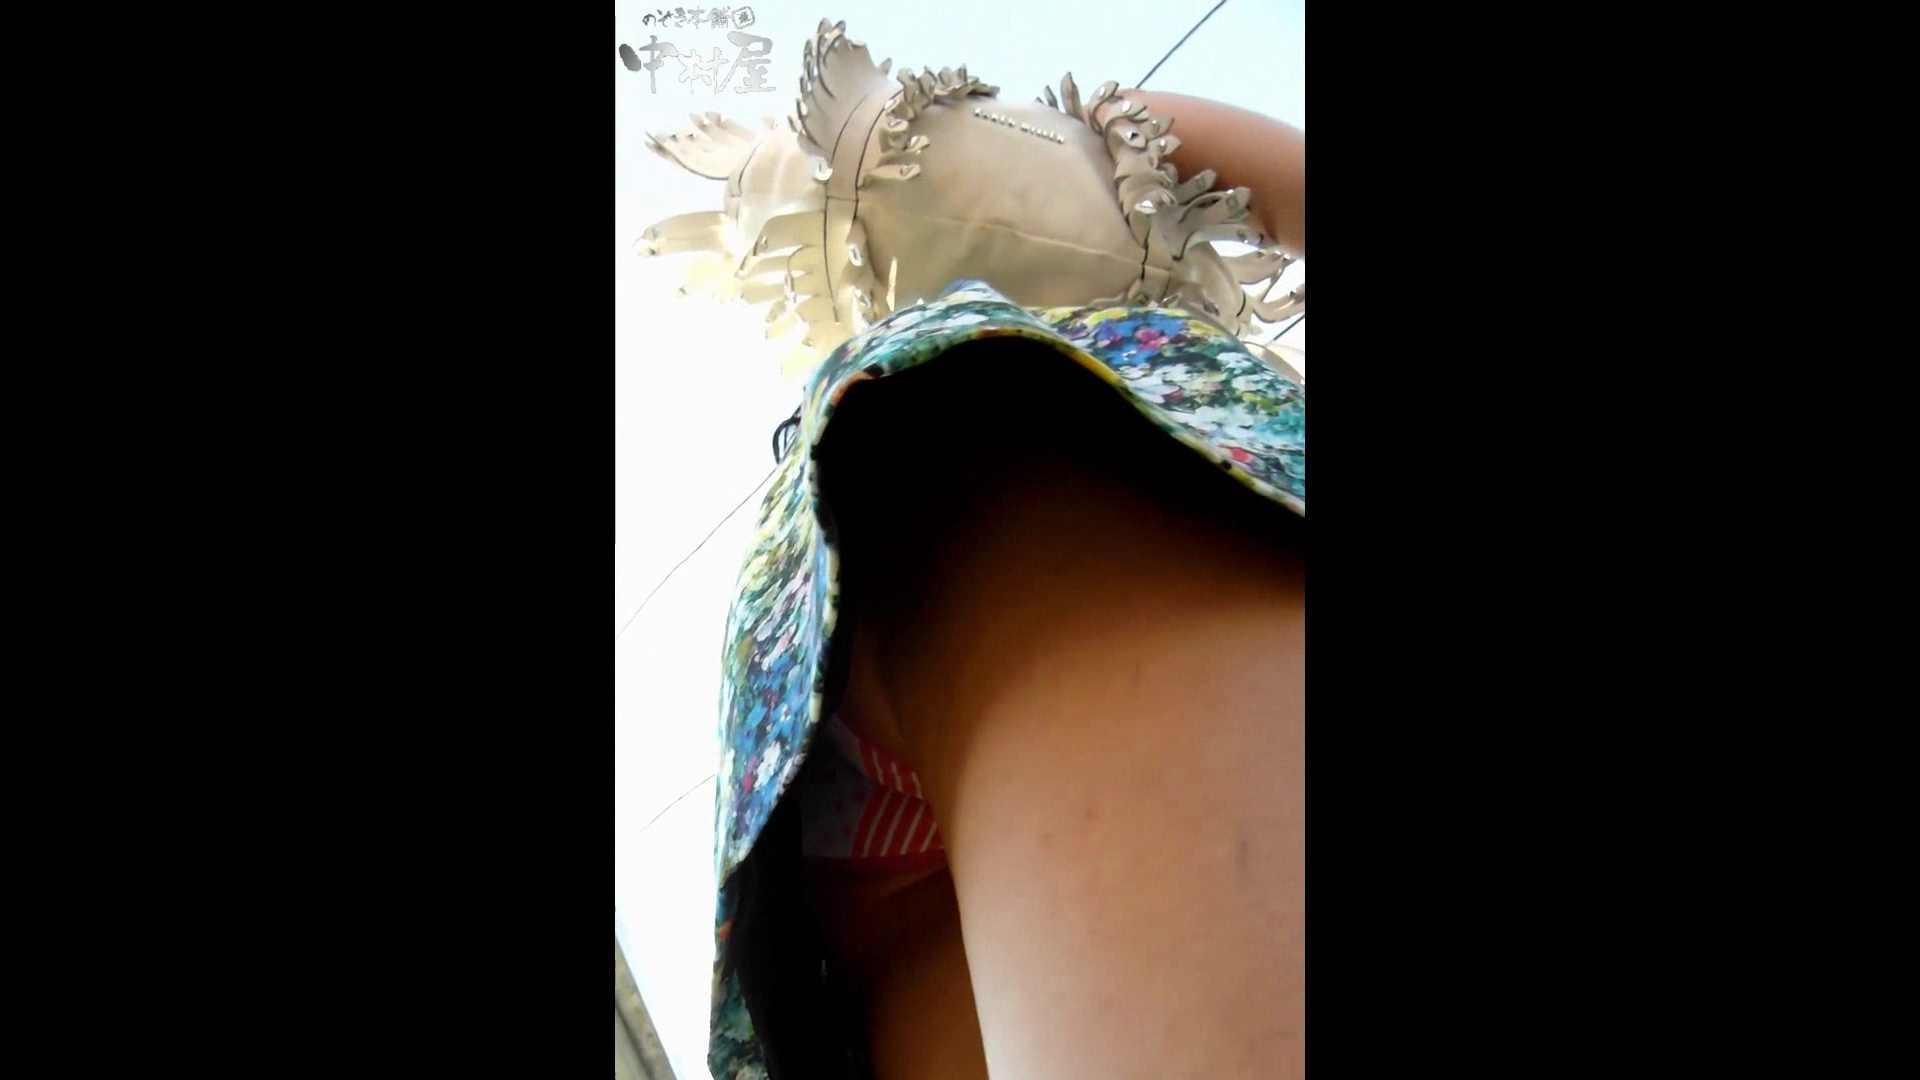 綺麗なモデルさんのスカート捲っちゃおう‼ vol16 お姉さんのエロ動画 | 0  106PIX 1